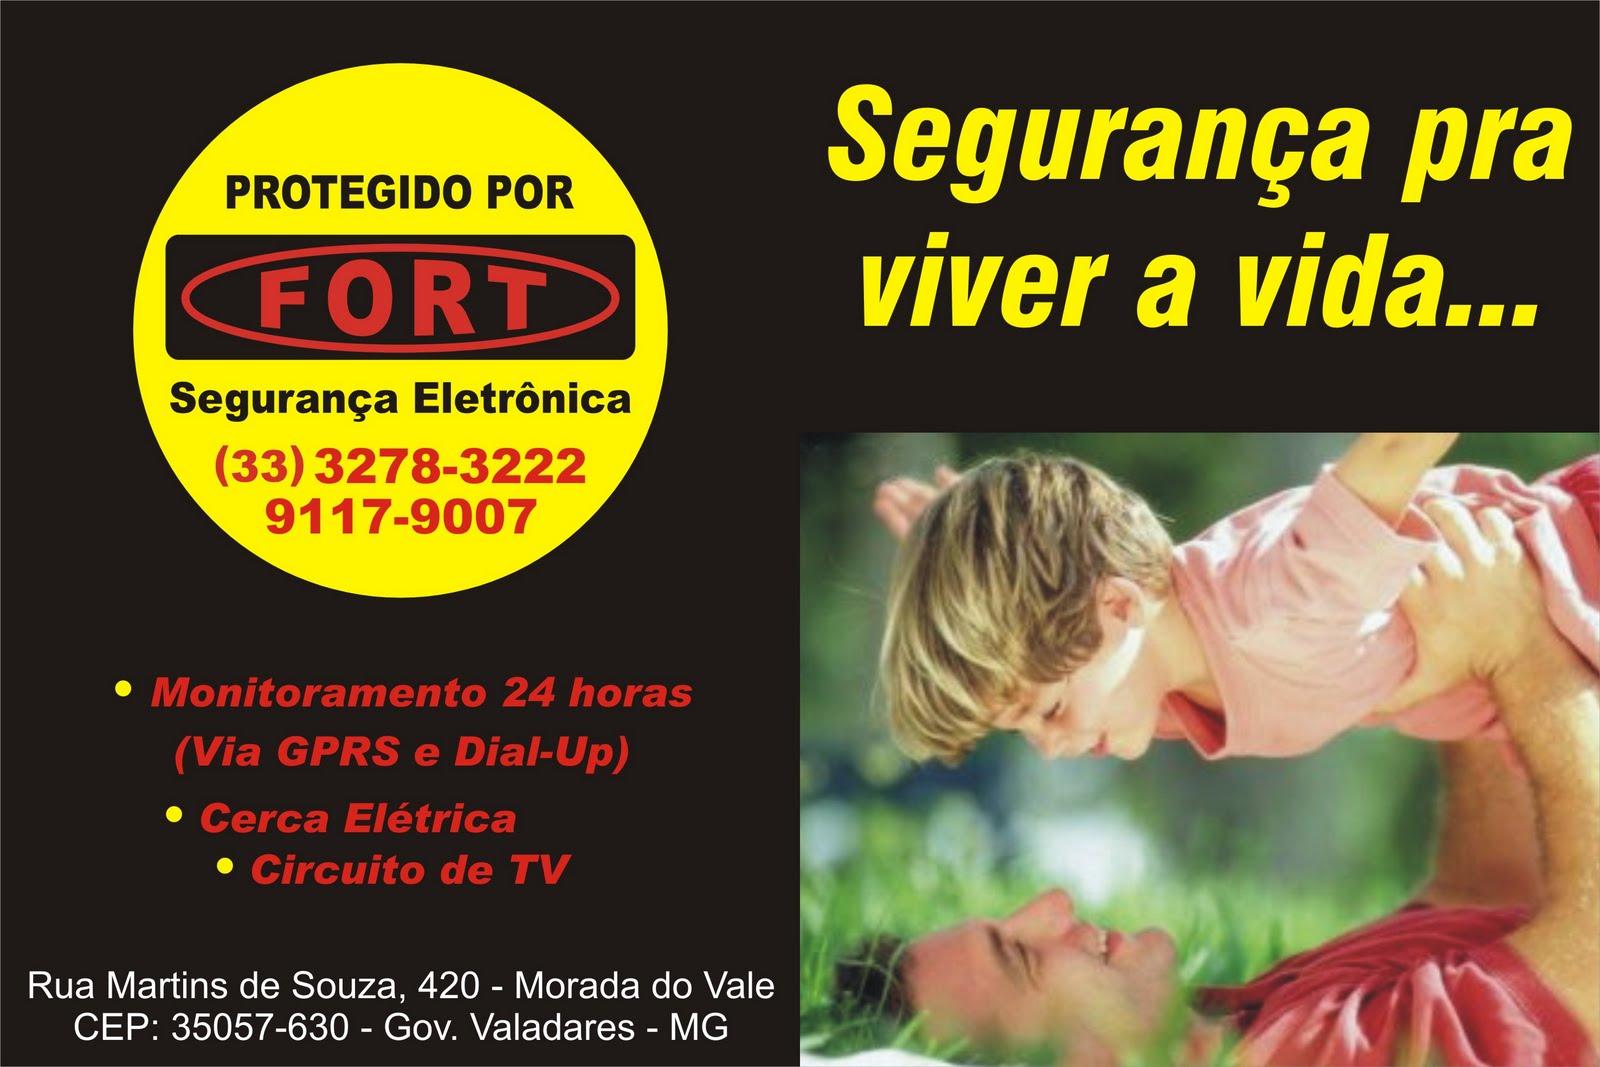 FORT SEGURANÇA ELETRÔNICA - GOV. VALADARES